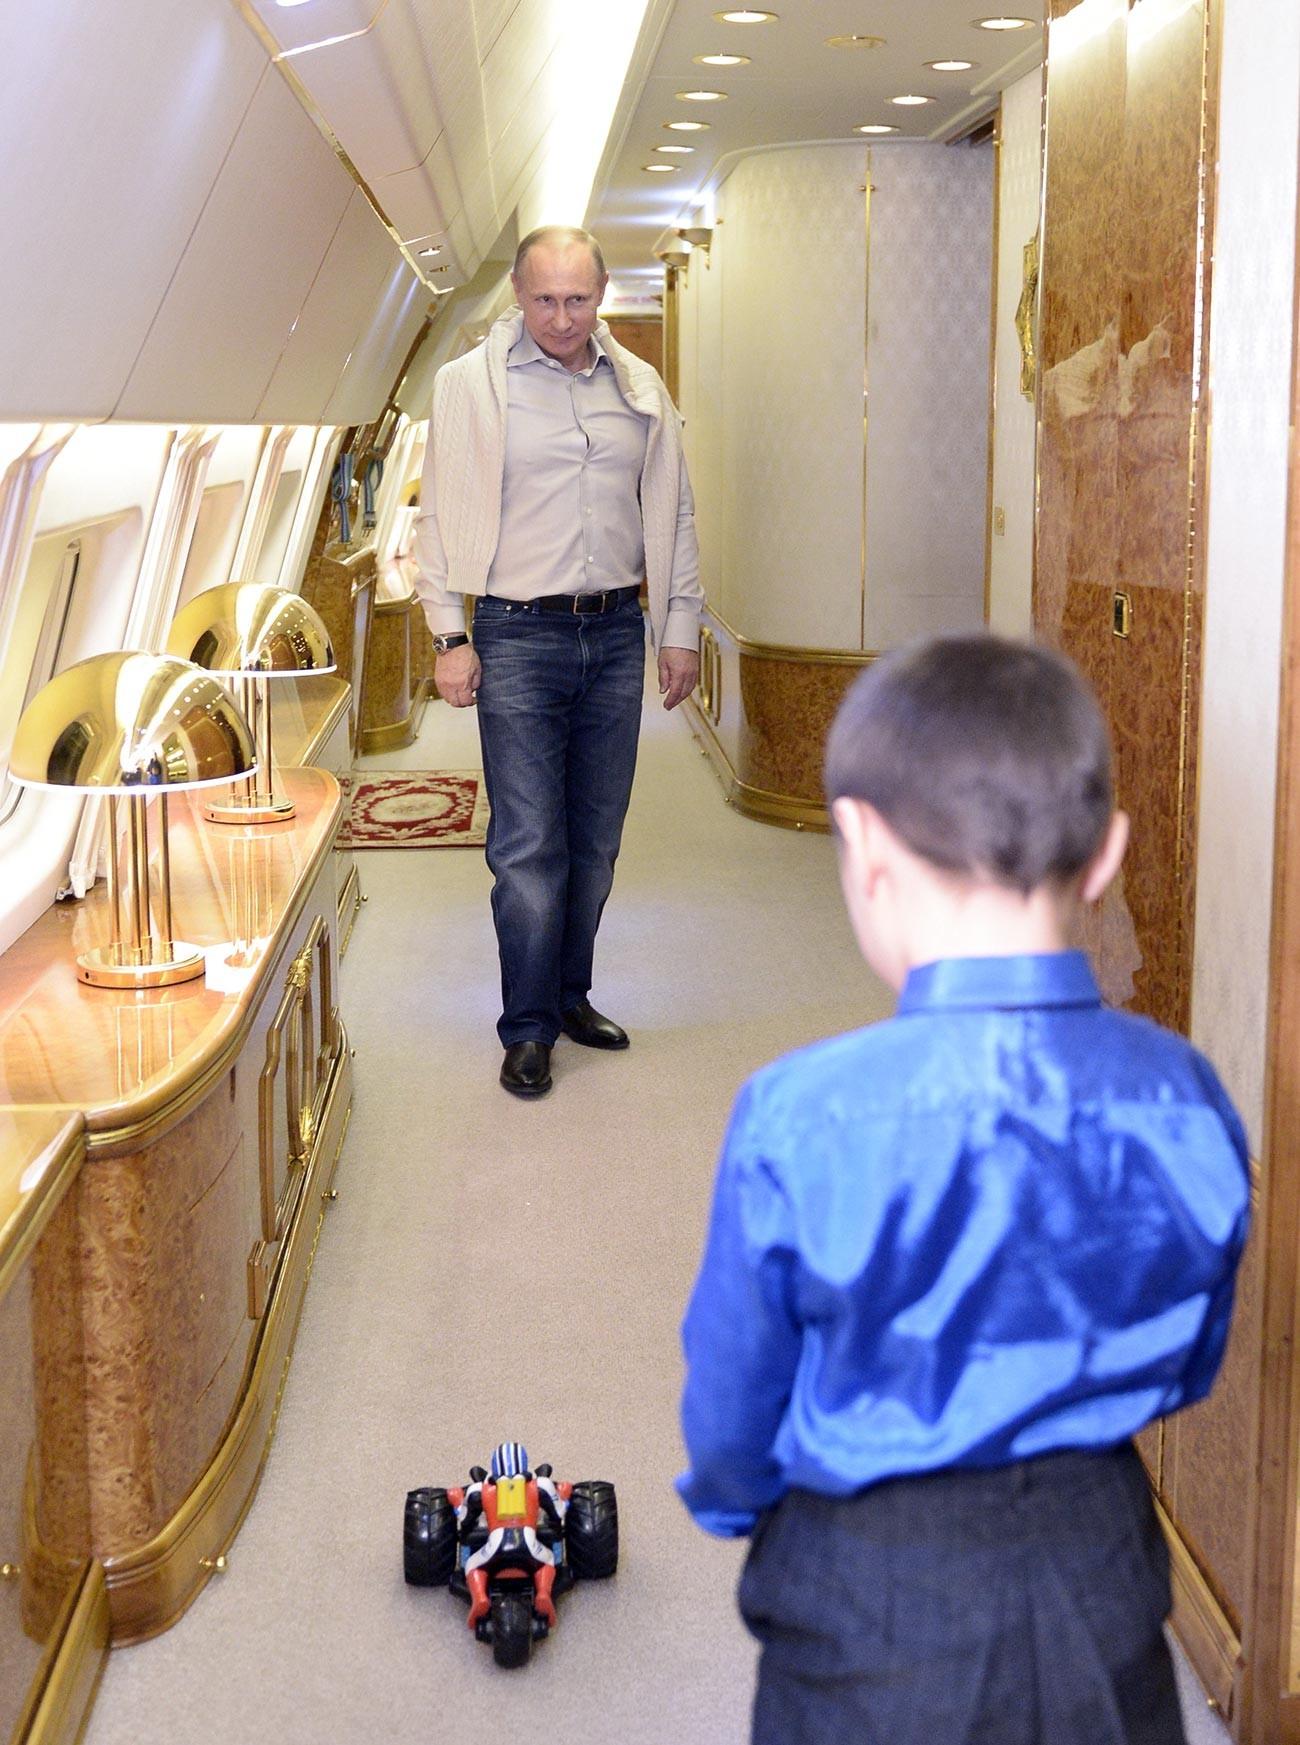 Le président russe Vladimir Poutine et le fils du caporal Bair Banzaraktsaïev, décédé lors de la liquidation des conséquences des inondations en Extrême-Orient, Galsan, jouent à bord de l'avion présidentiel